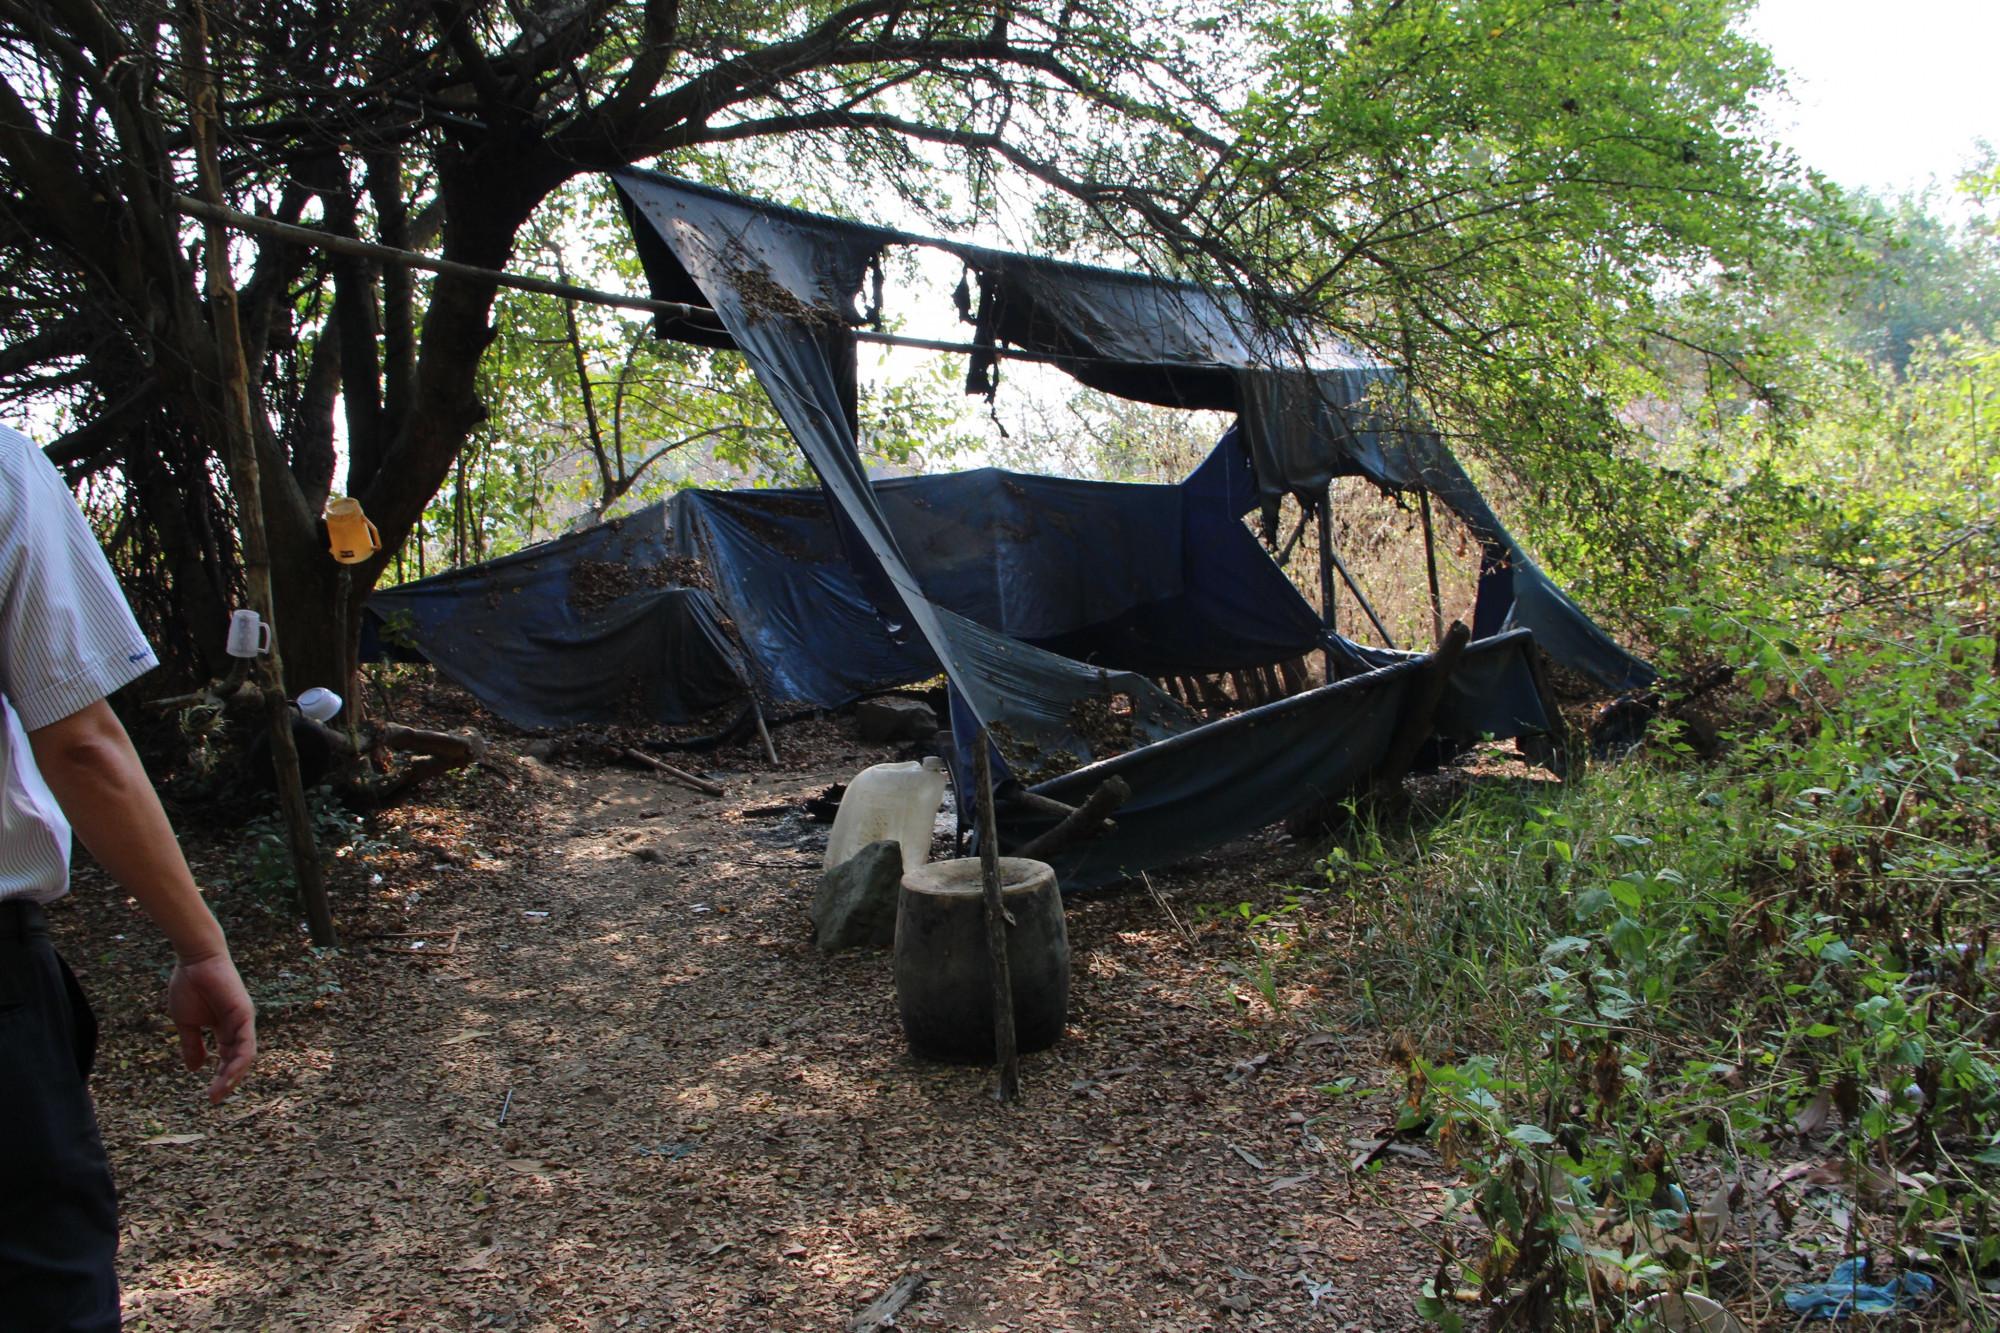 Căn lều dựng tạm của ông Minh cũng bị kẻ xấu phóng hoả